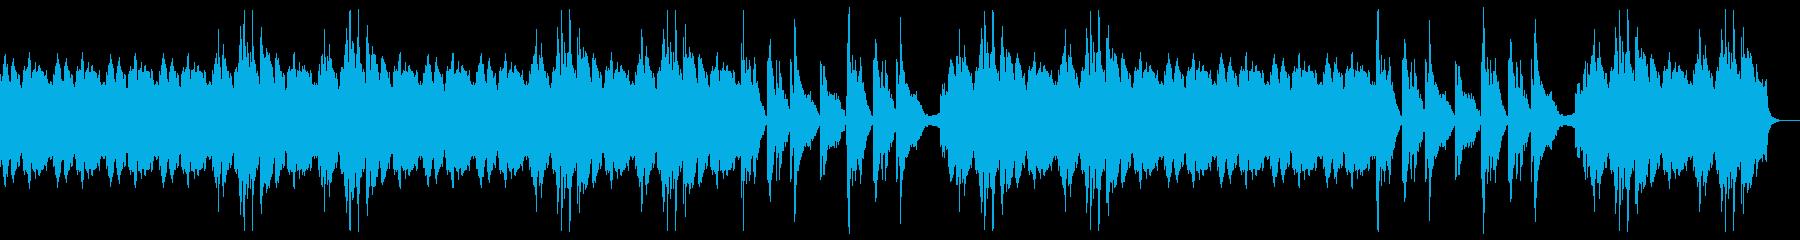 (ドラム抜)ゆったりとした曲、ほのぼの系の再生済みの波形